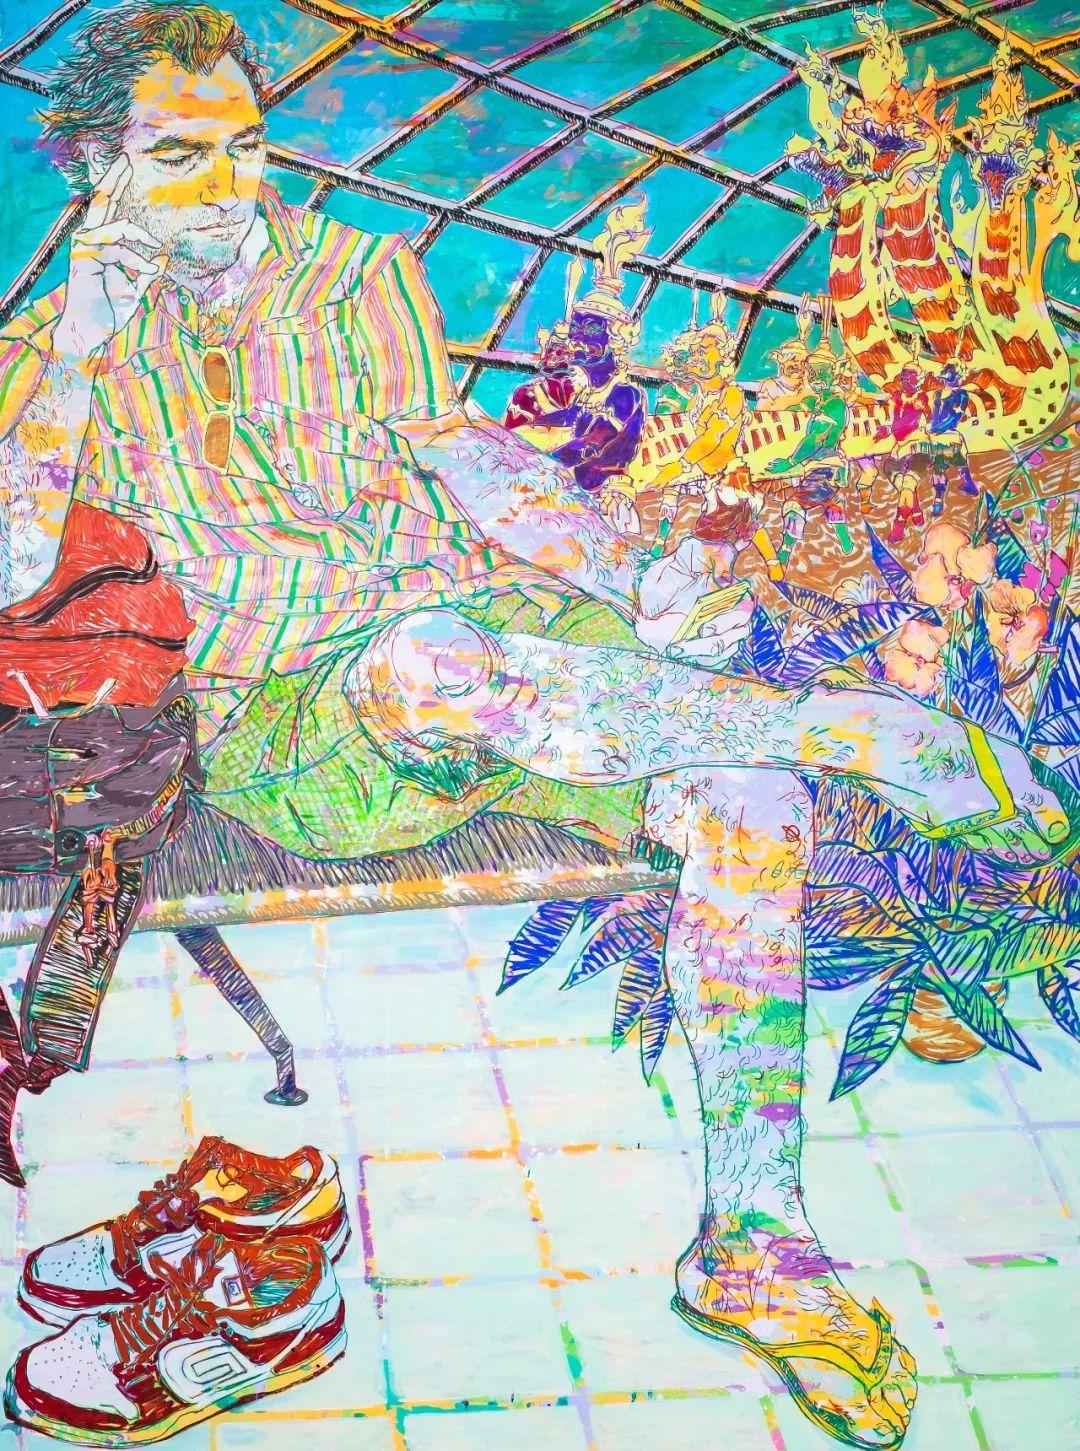 用平静的笔触描绘强烈的感情,美国艺术家Hope Gangloff作品选插图65